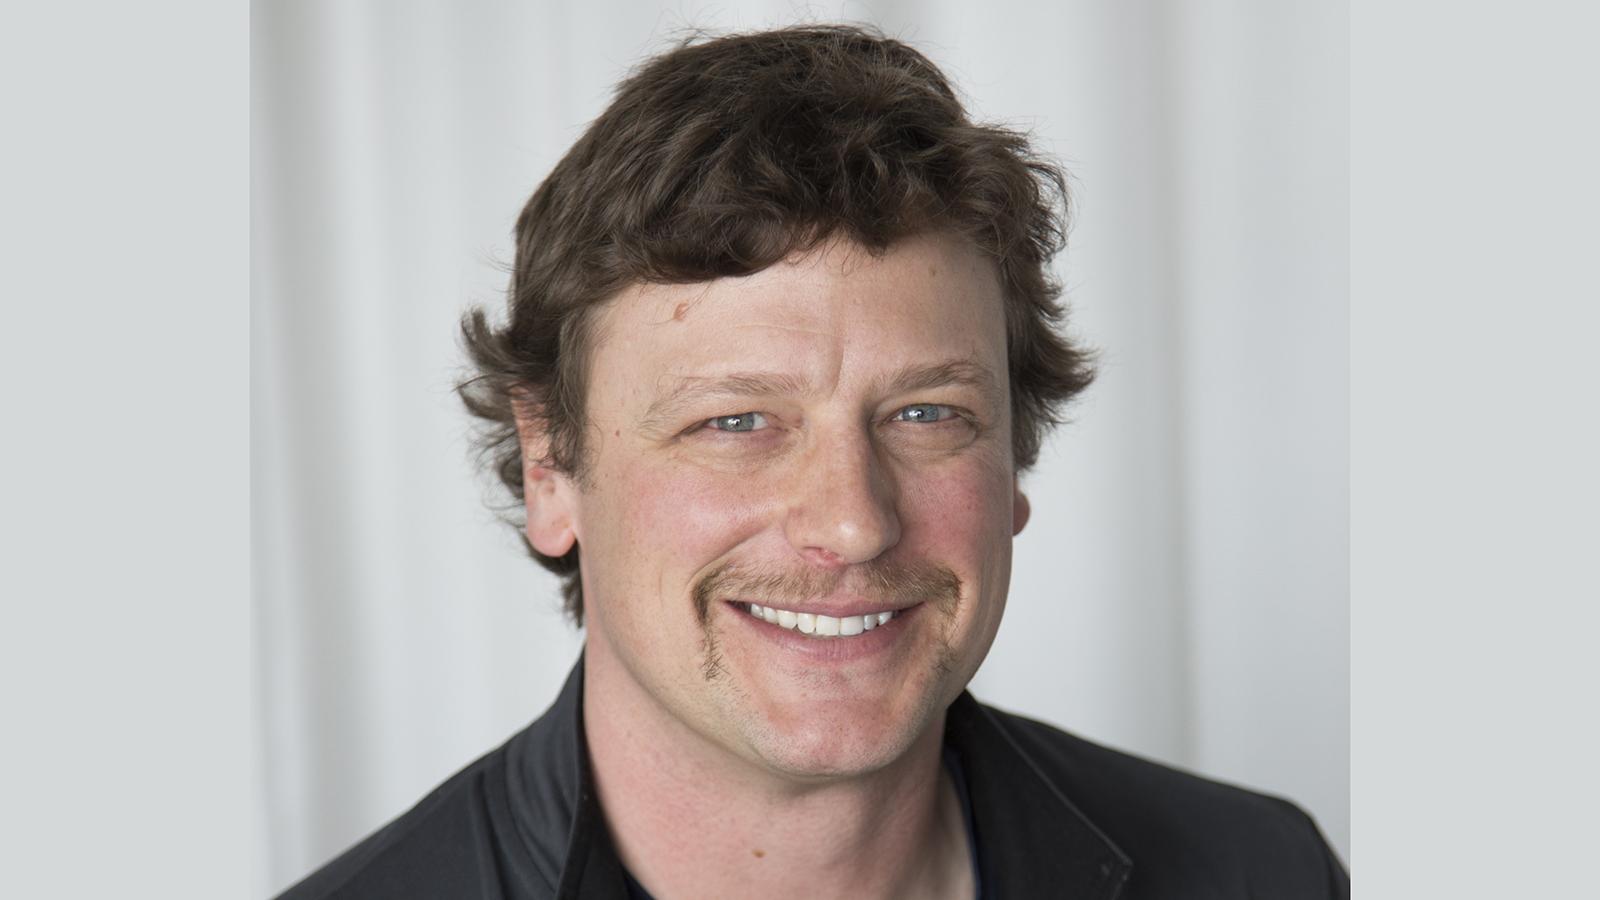 Jake Kirchgessner